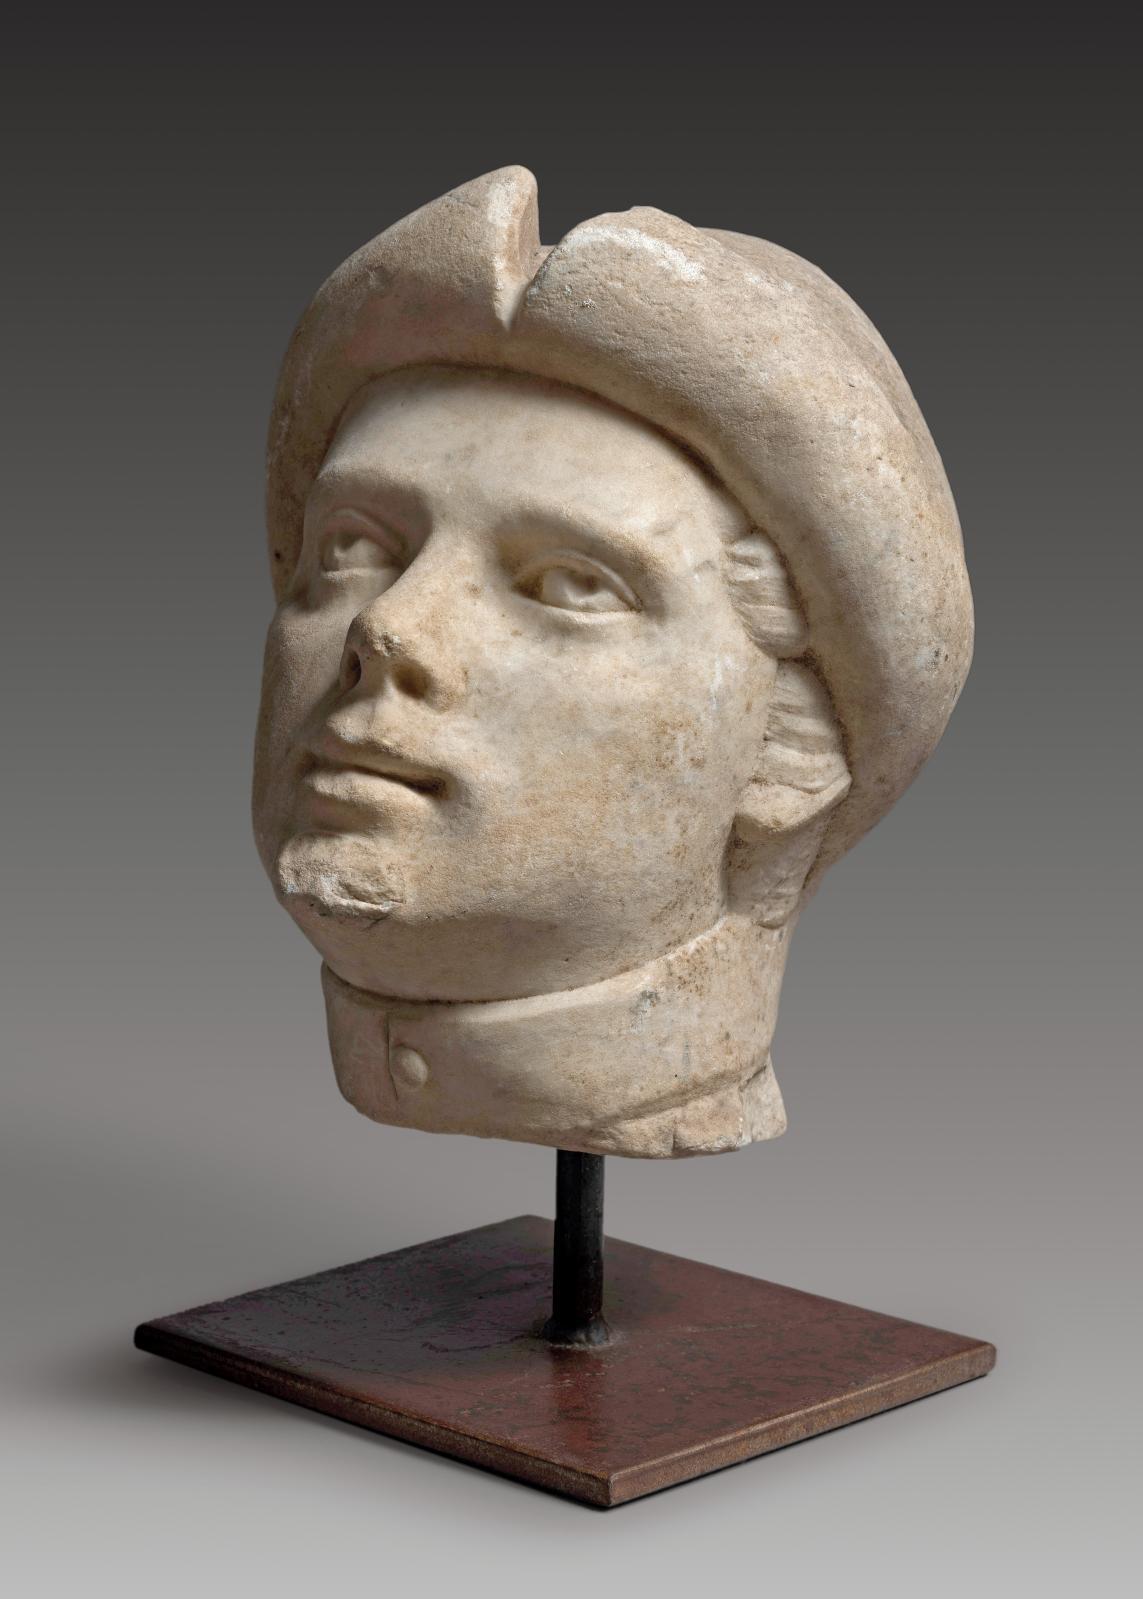 Italie, XVIesiècle. Tête en marbre de Carrare représentant un jeune homme, h 37cm. Présentée par Alexandre Piatti, expert en Haute Époque.